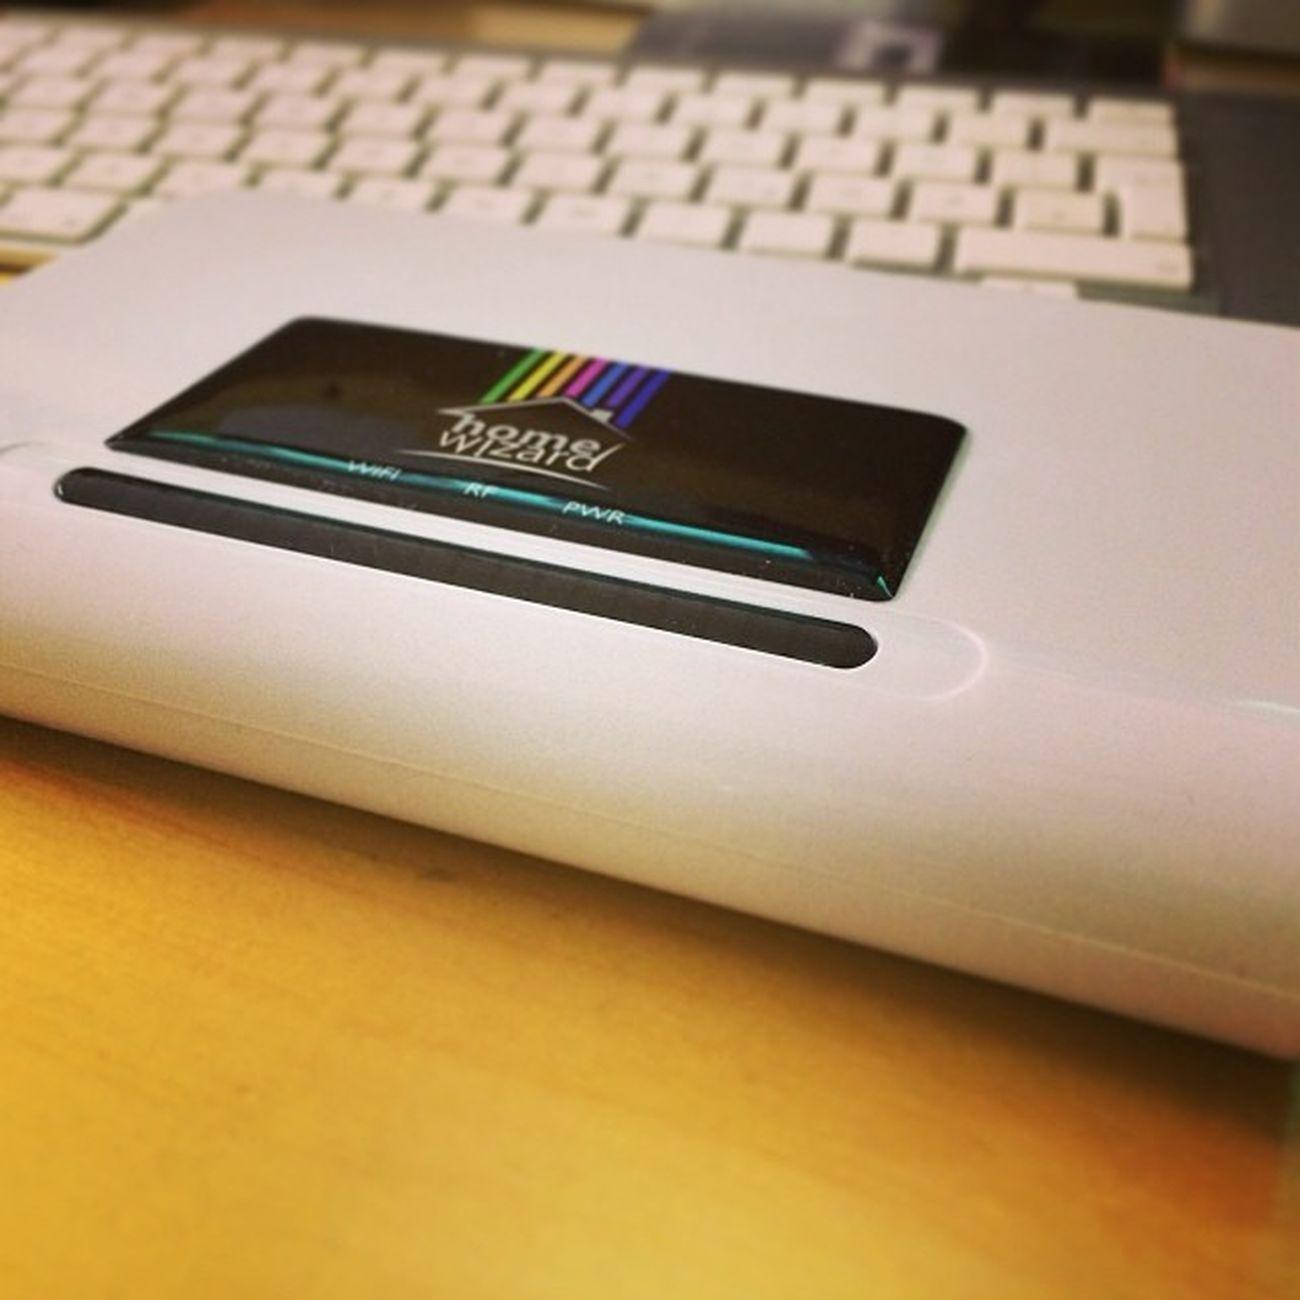 Neues aus dem Bereich #hausautomation #Gadget #Licht #Überwachung http://www.pokipsie.ch/news-2/homewizard-hausautomation-fuer-alle/ homewizardDE Licht Gadget überwachung Hausautomation